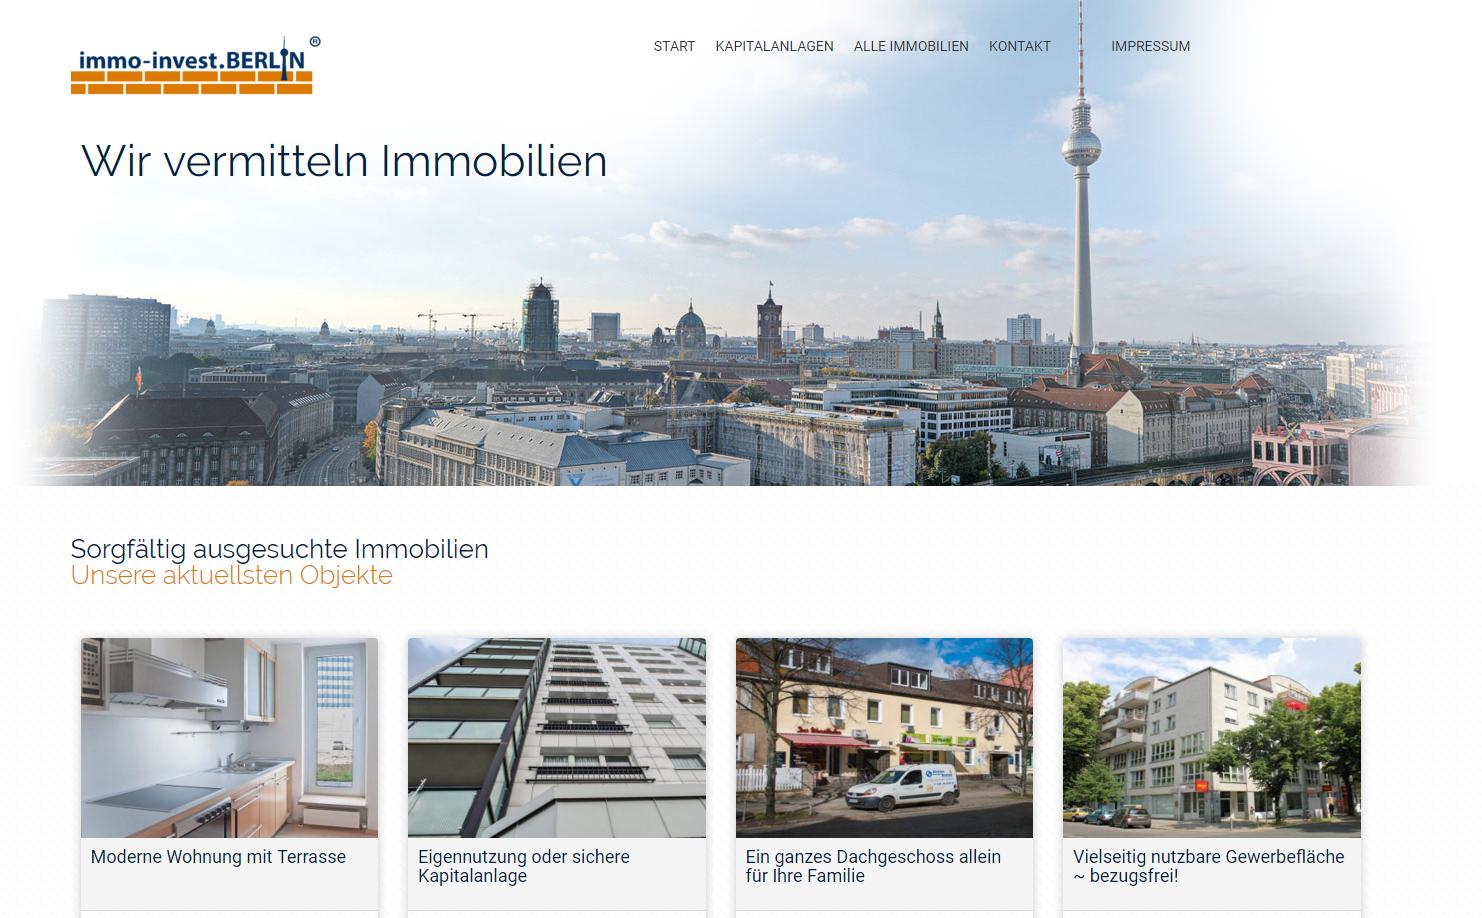 Webdesign aus Berlin